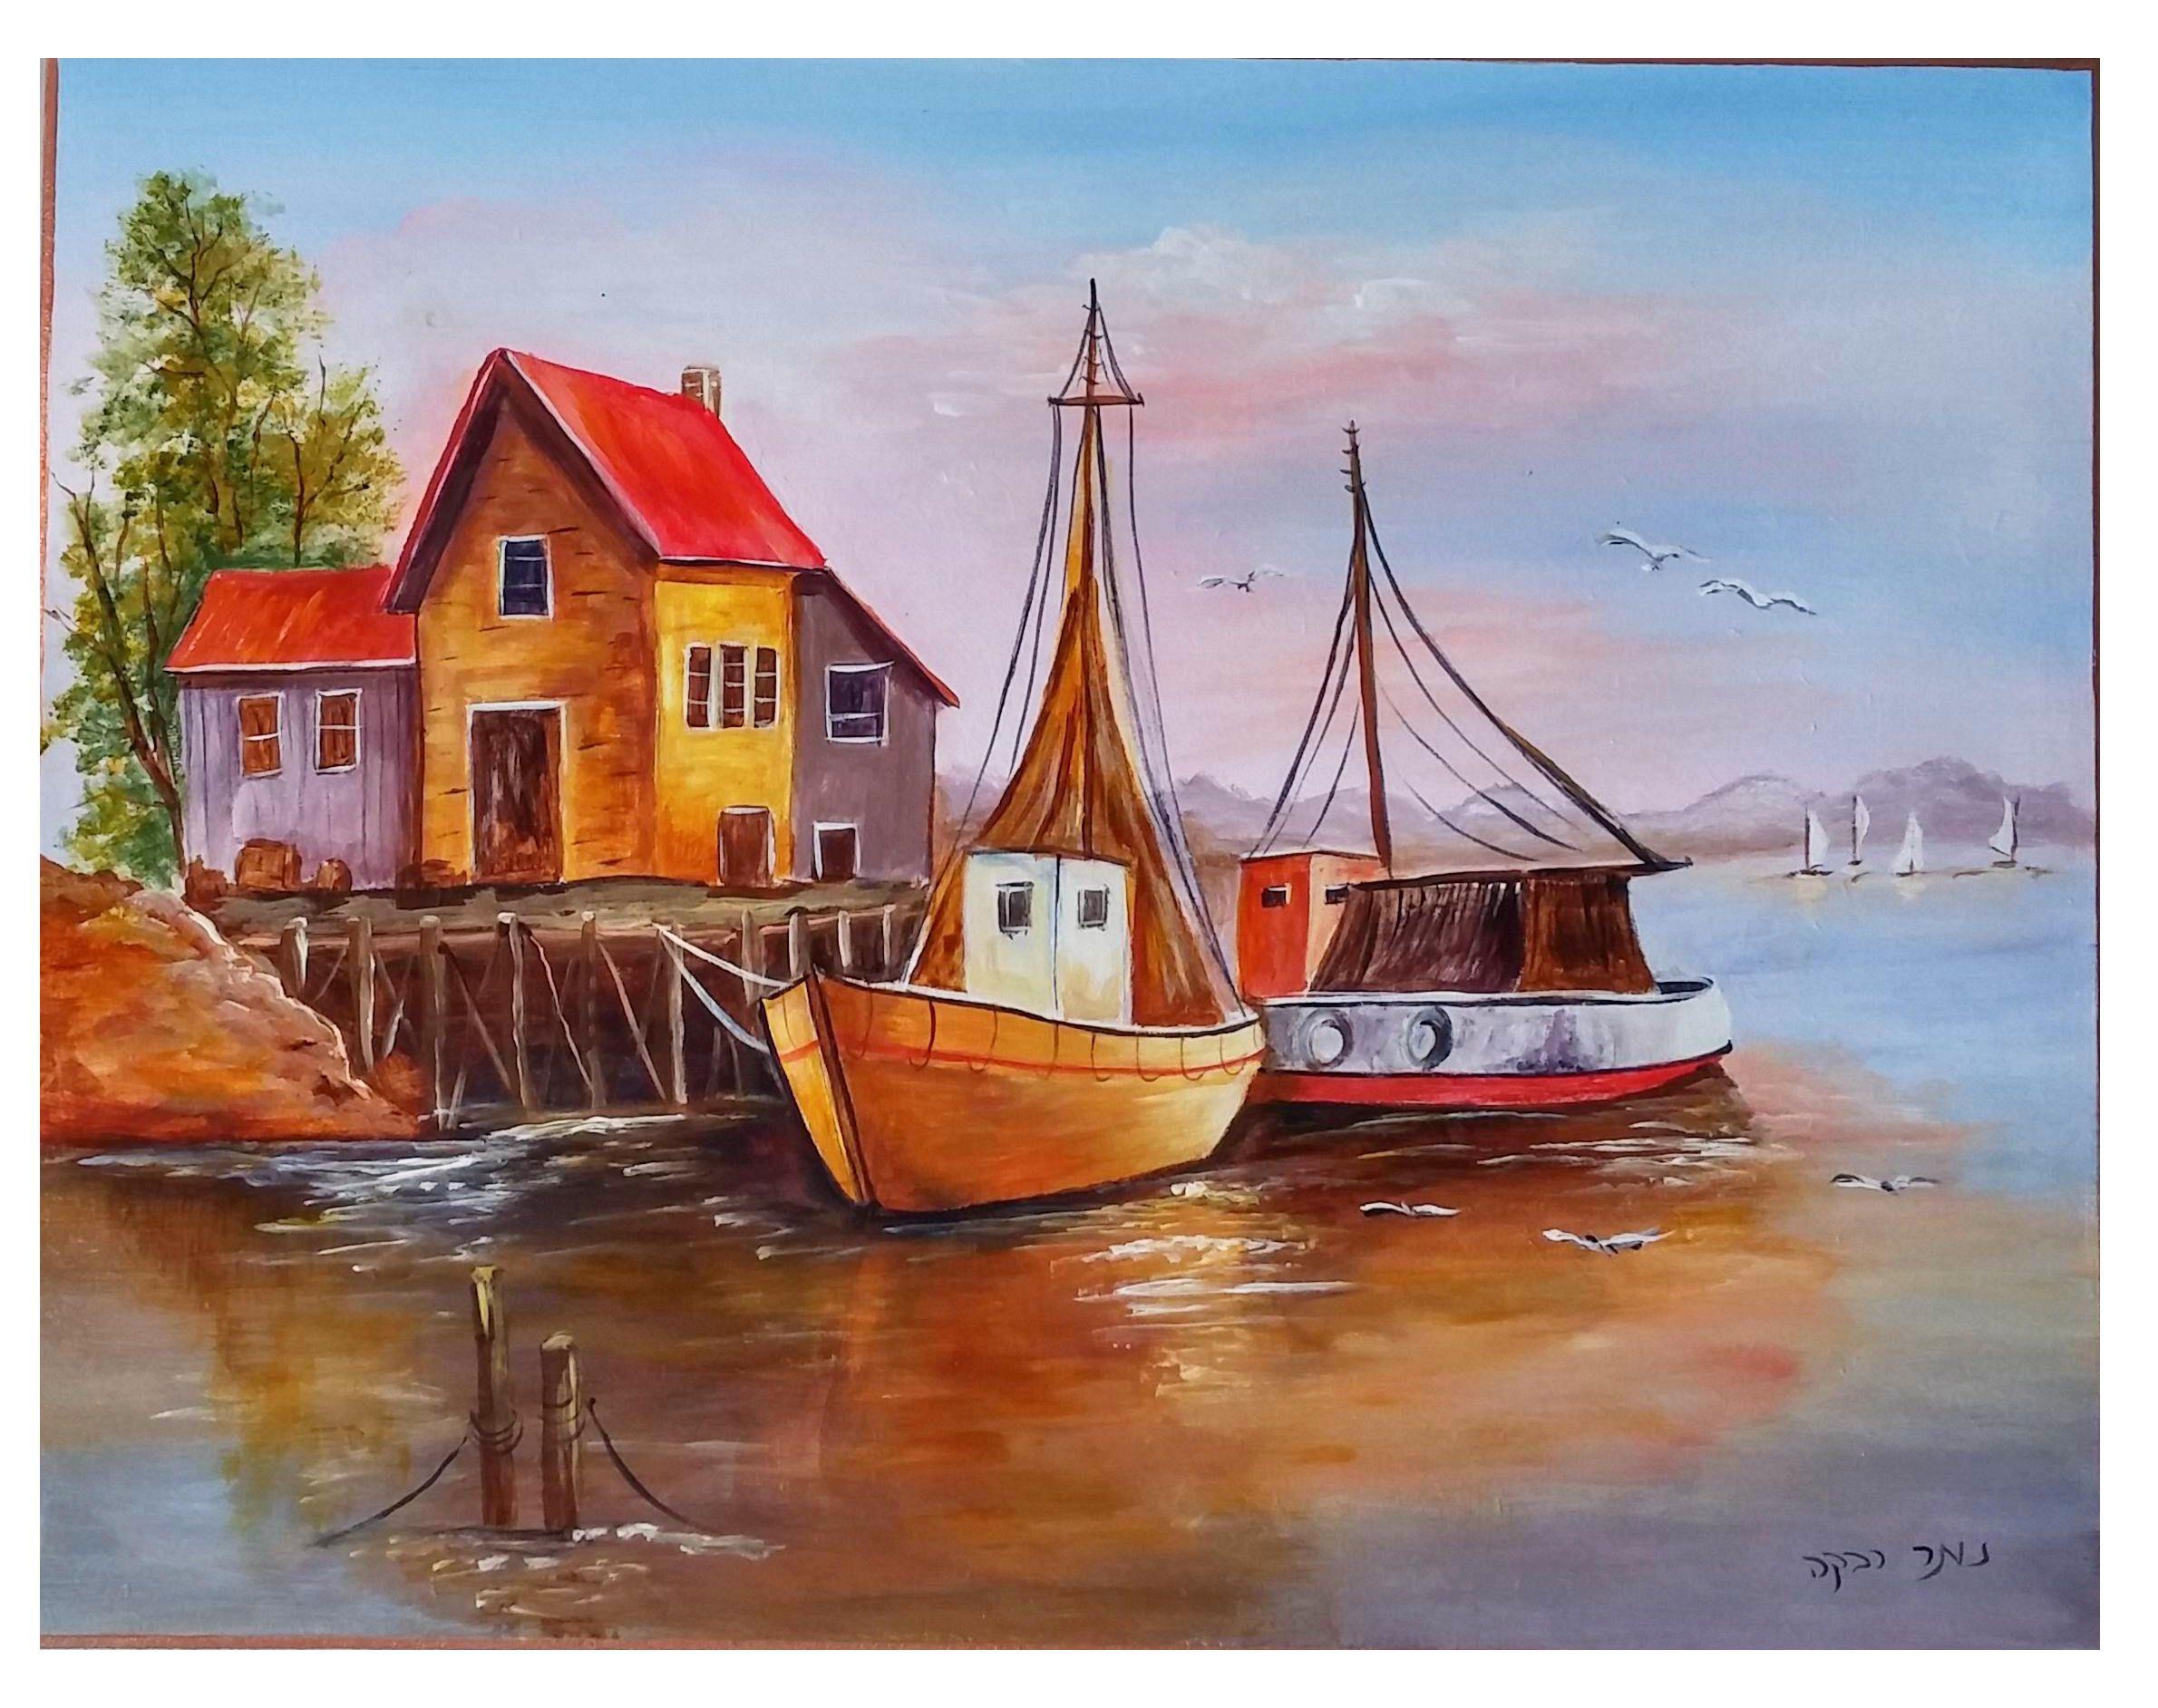 bateaux de pêcheurs. peinture acrylique sur une peinture de ... - Technique Peinture Acrylique Sur Bois